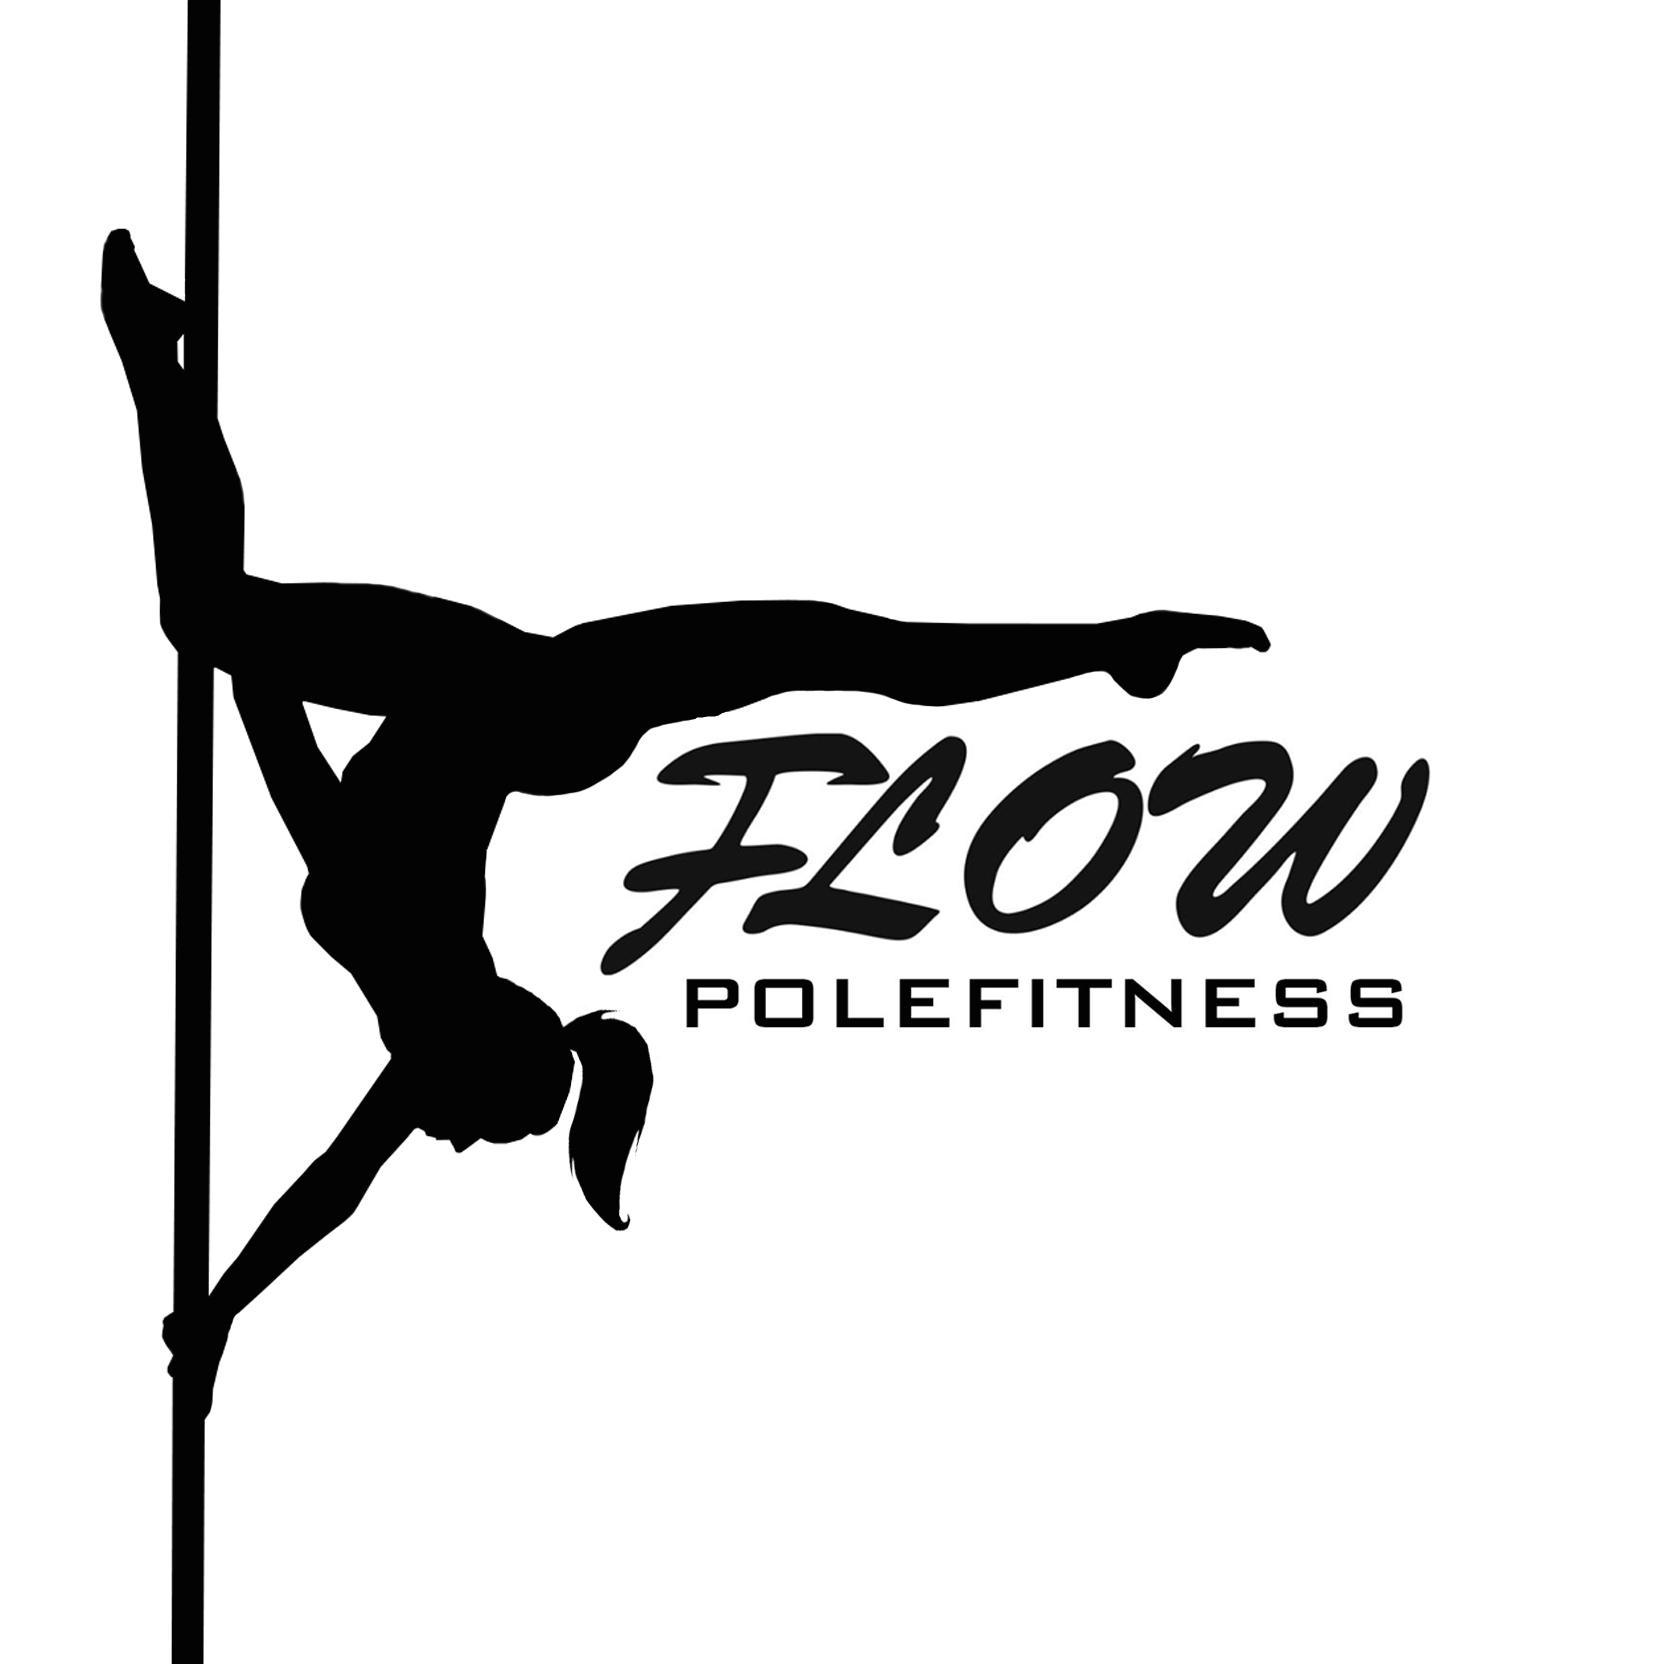 FLOWPersonal